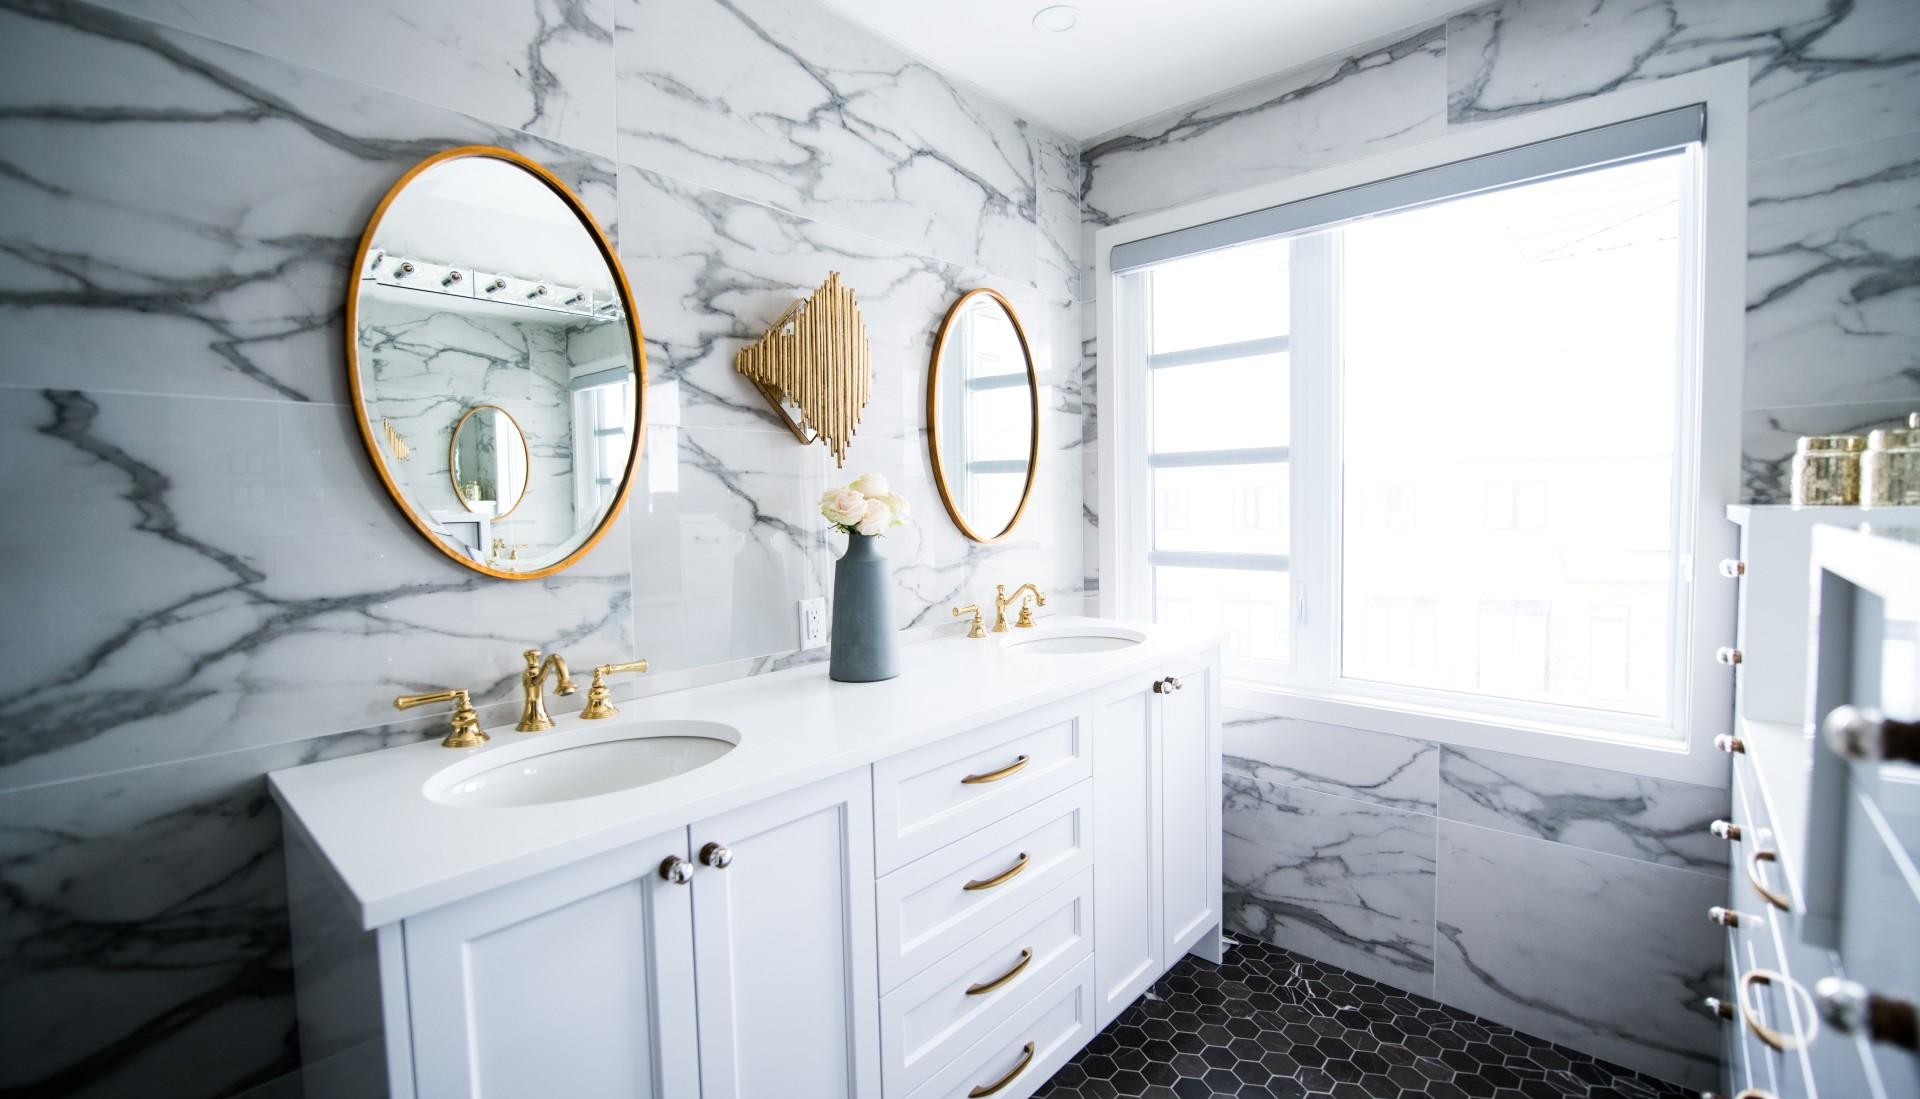 Kako izgledajo moderne keramične ploščice za kopalnico?